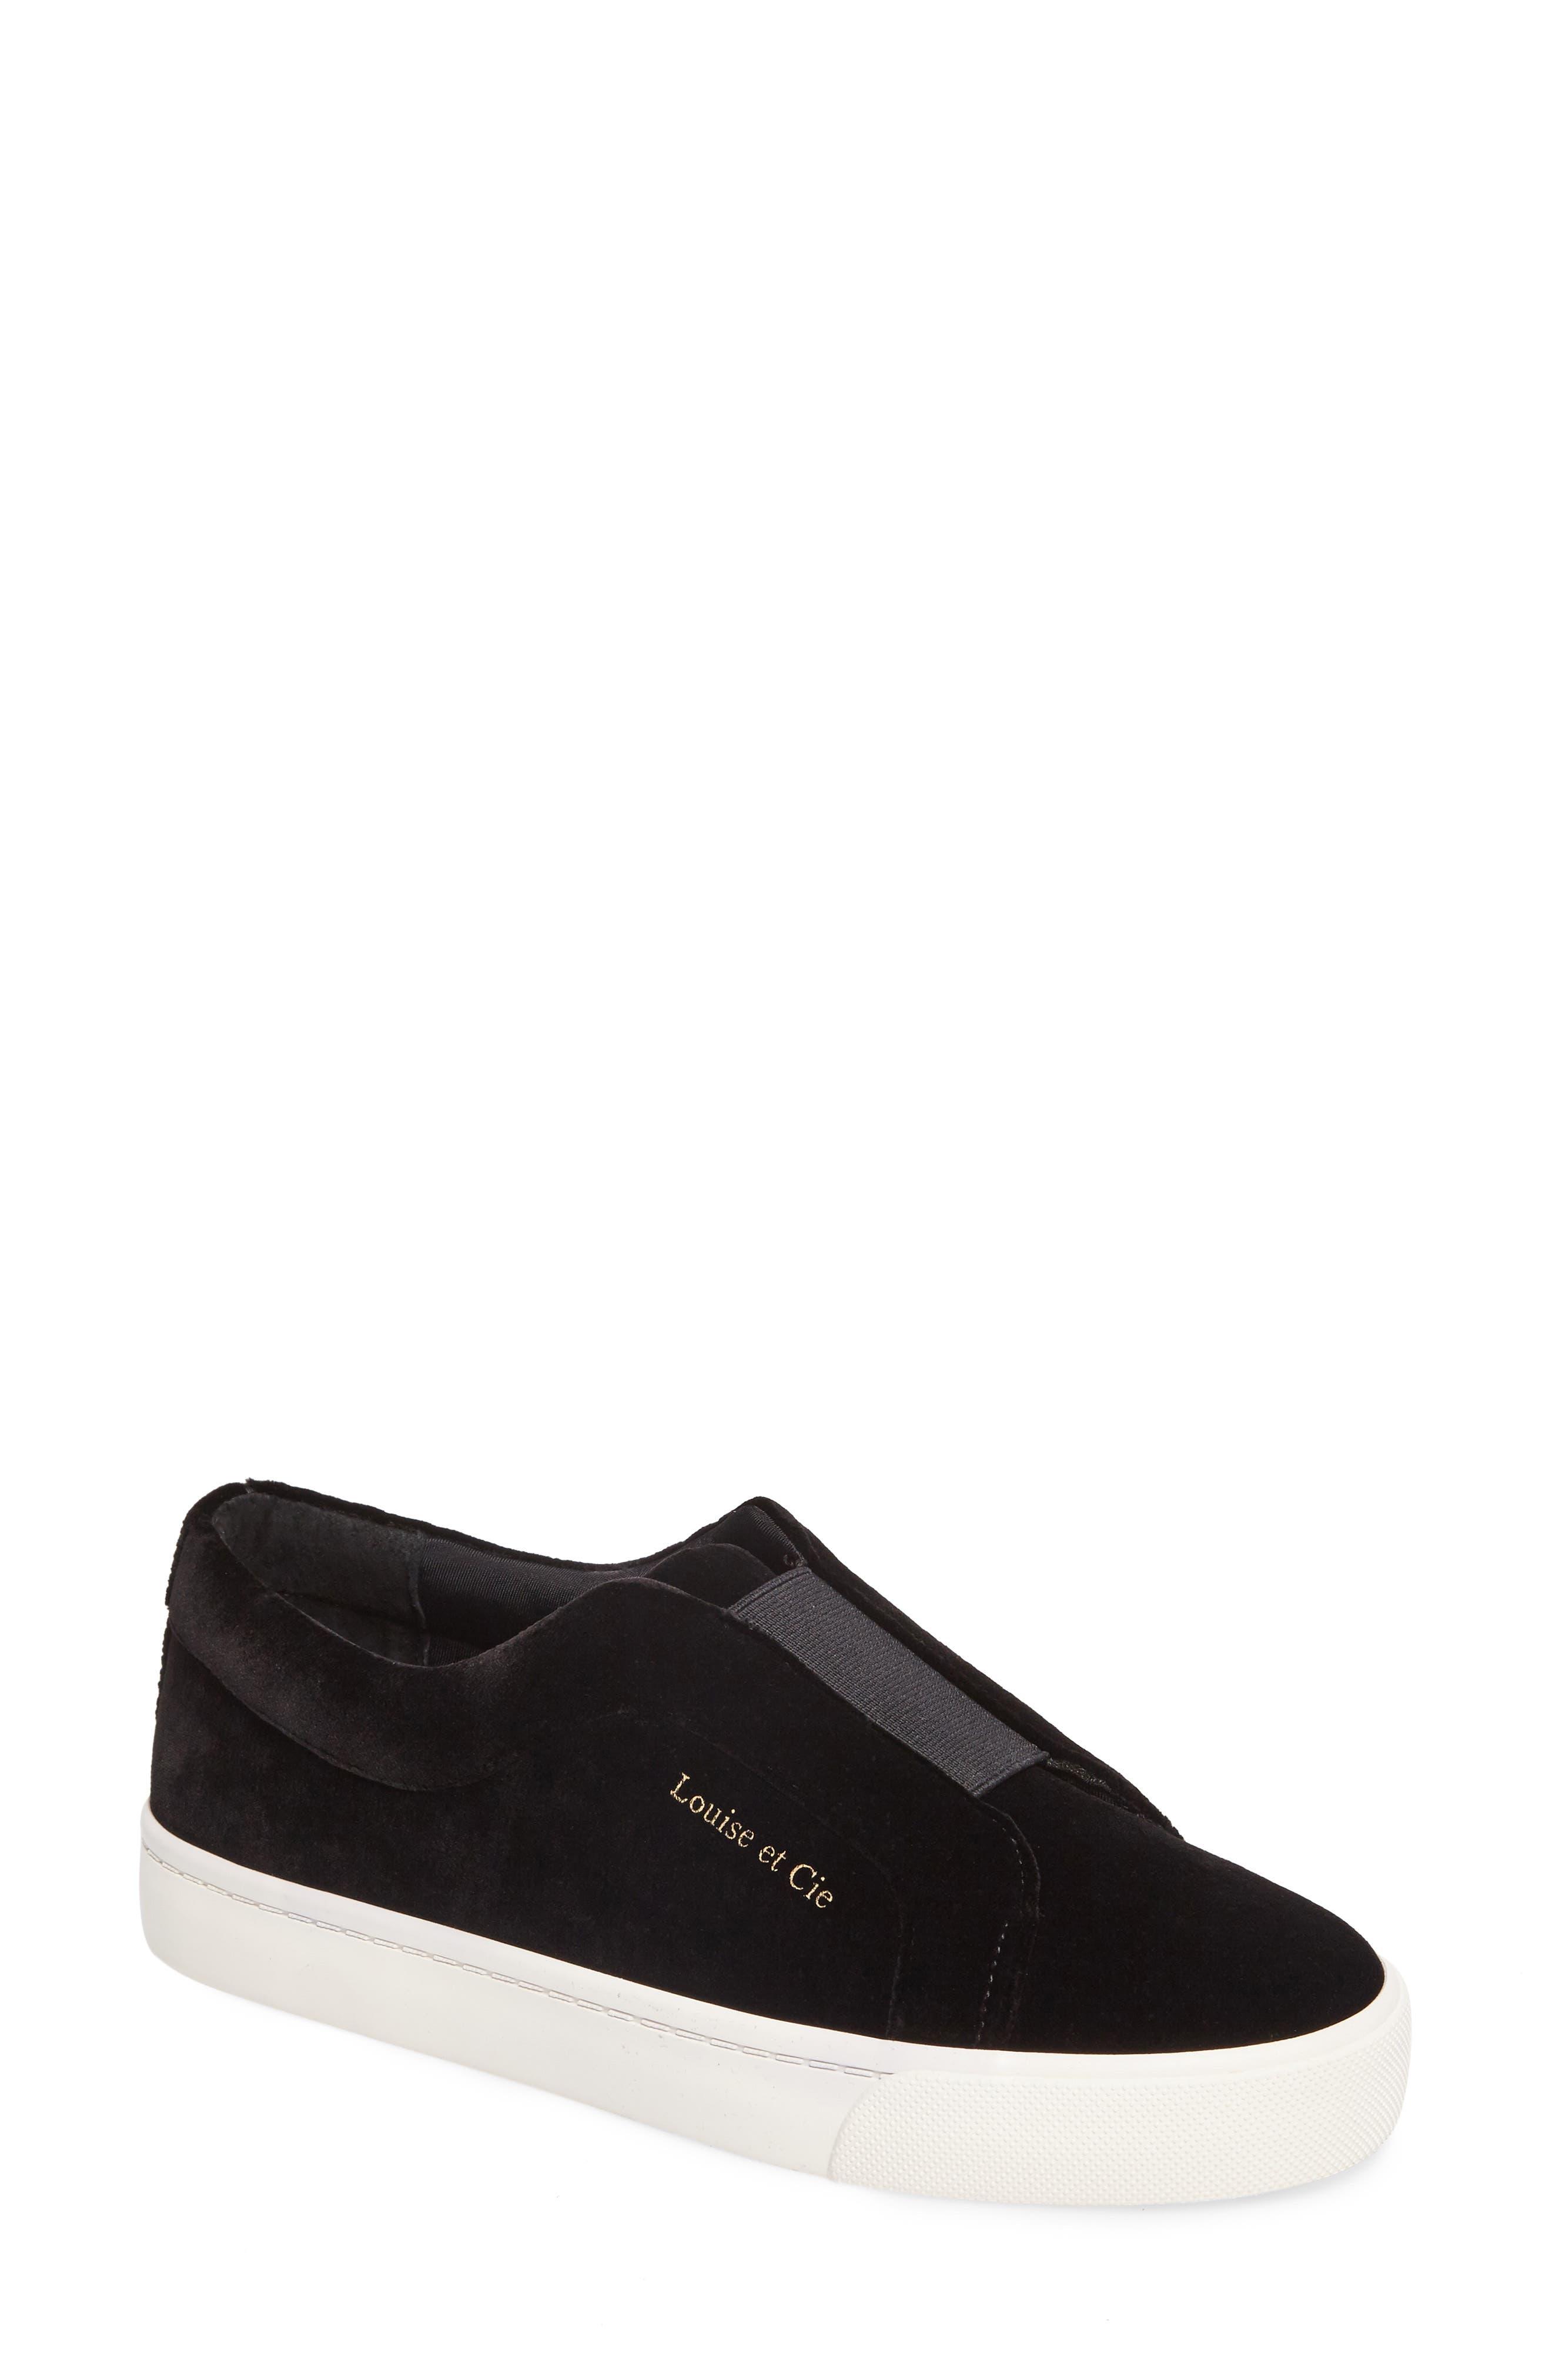 Bette Slip-On Sneaker,                             Main thumbnail 1, color,                             001